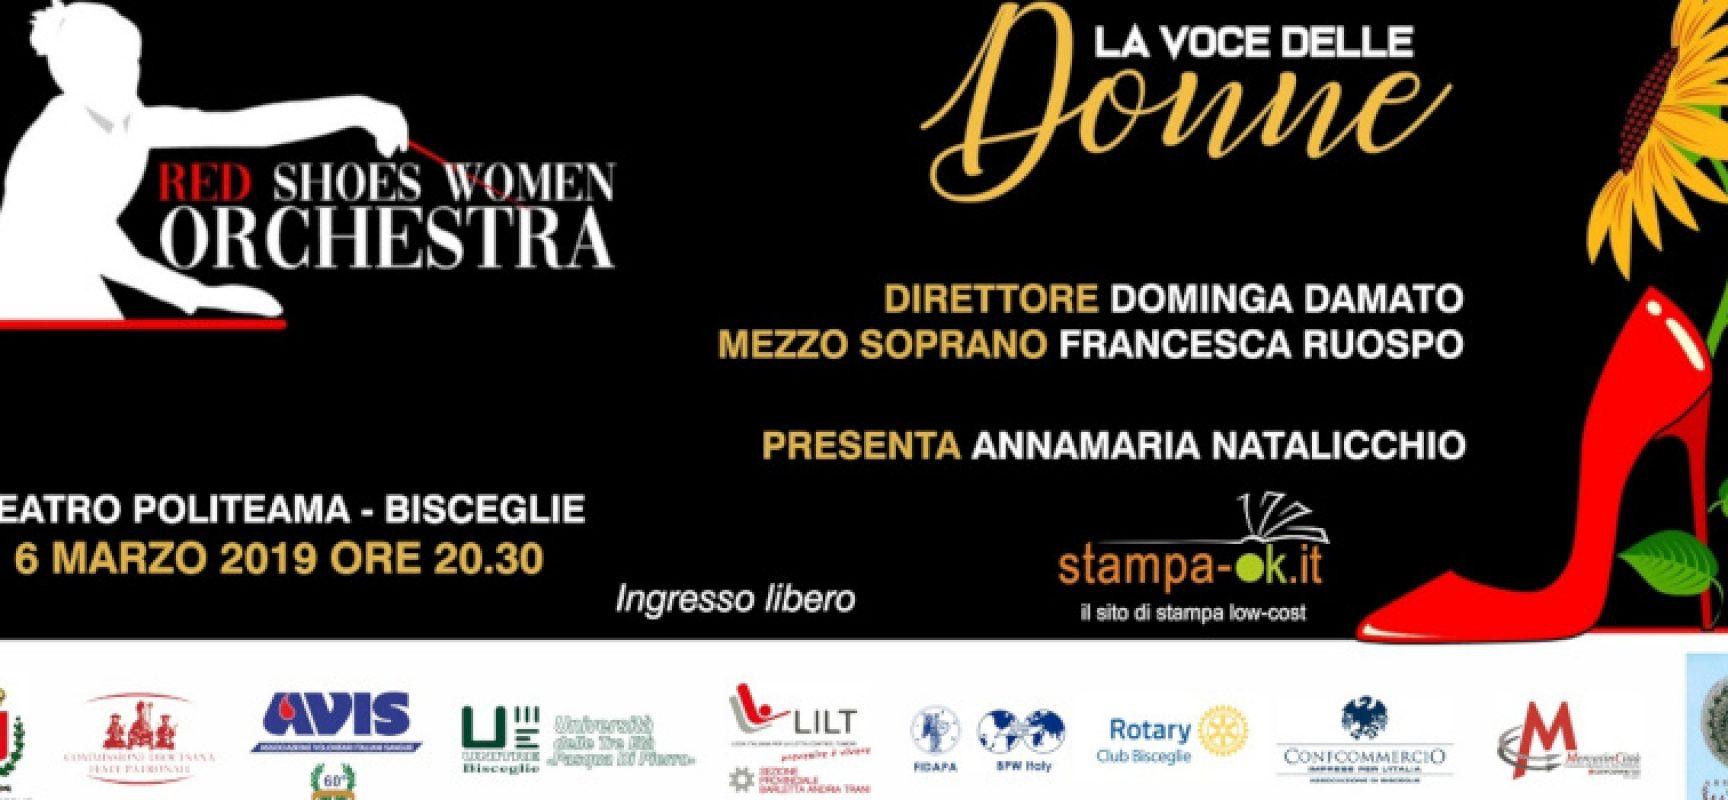 La Red Shoes Women Orchestra al Politeama per un concerto contro la violenza sulle donne